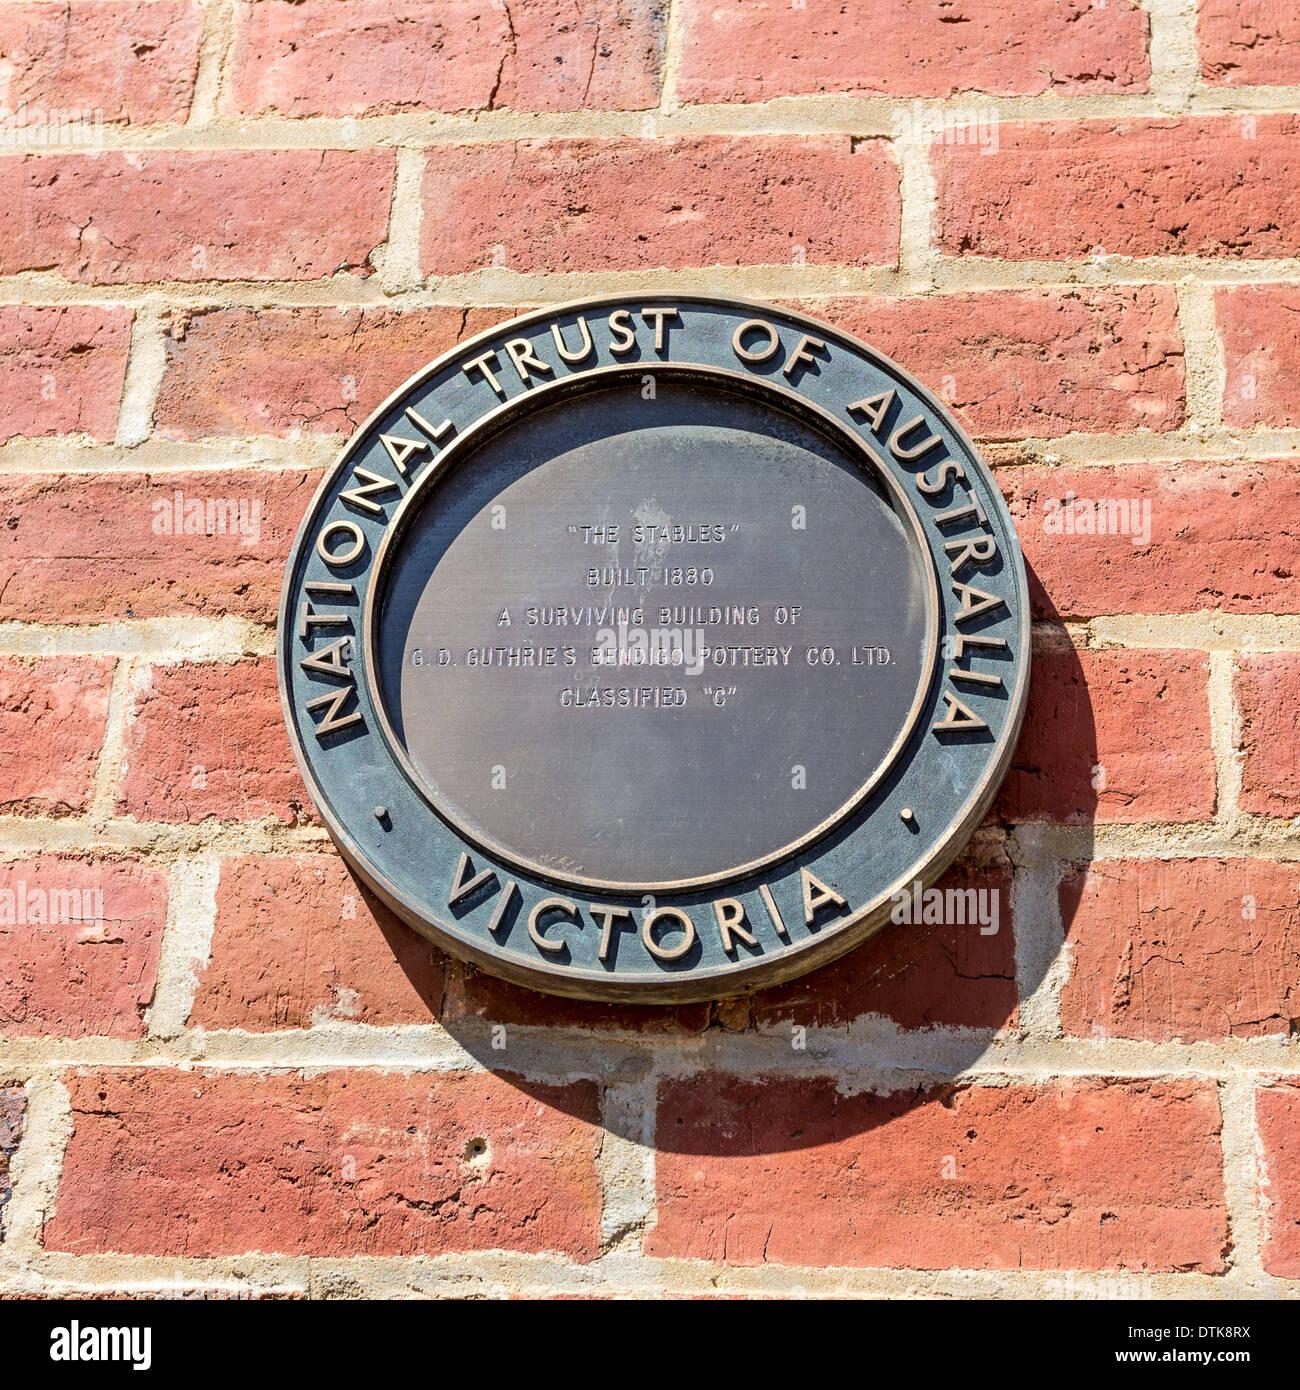 National Trust of Australia plaque Bendigo, Victoria, Australia - Stock Image